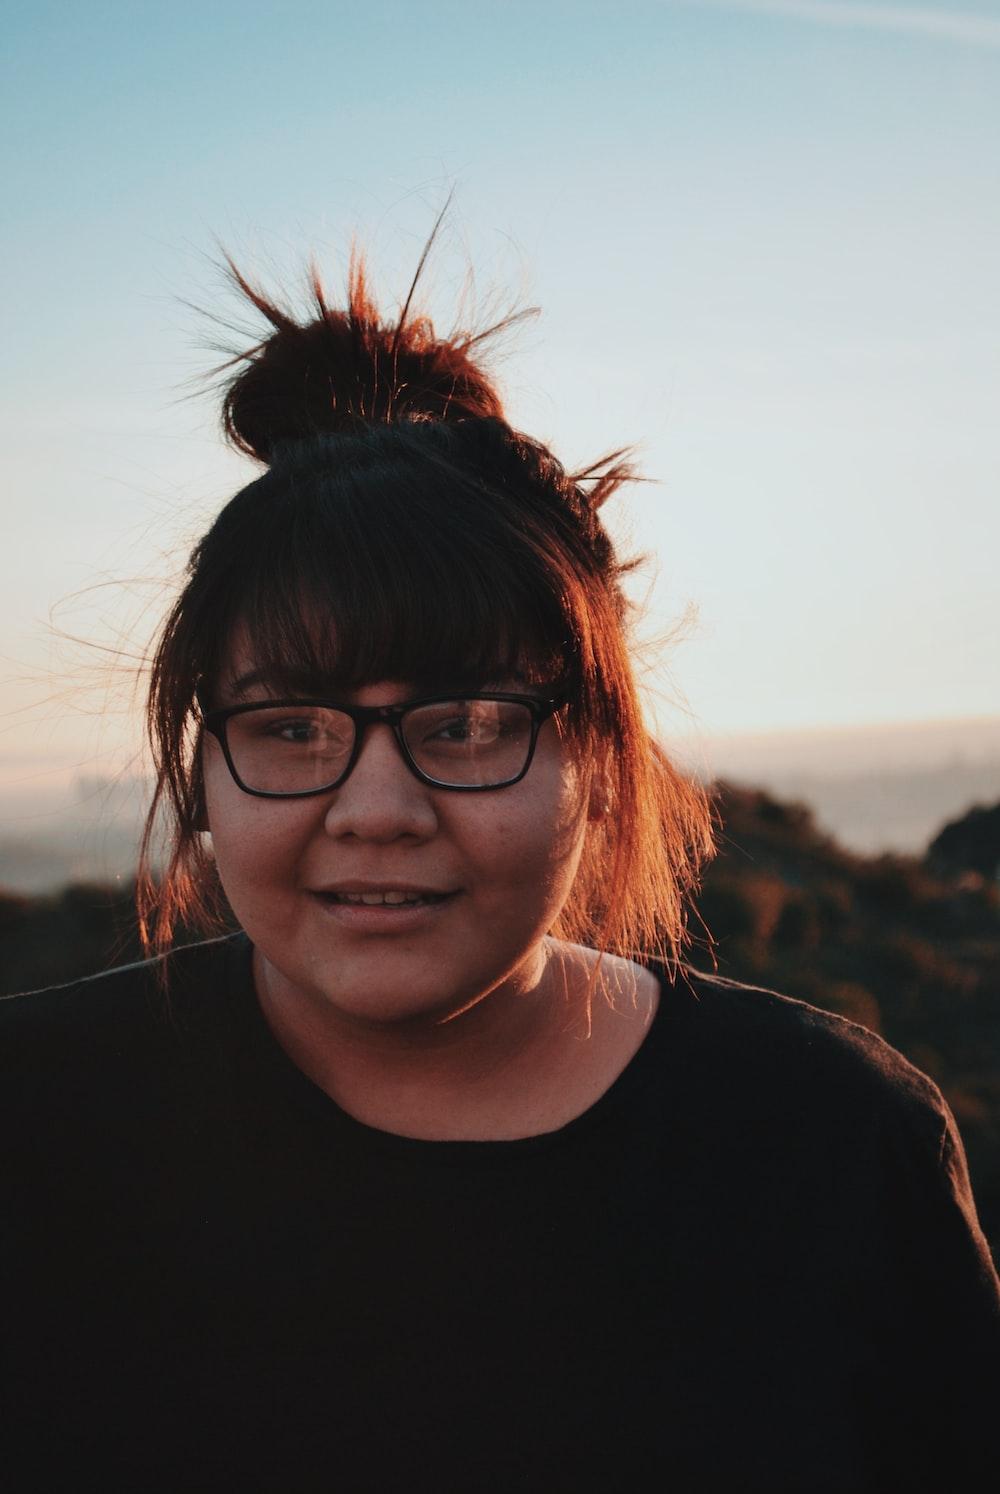 woman wearing eyeglasses smiling near mountains during daytime